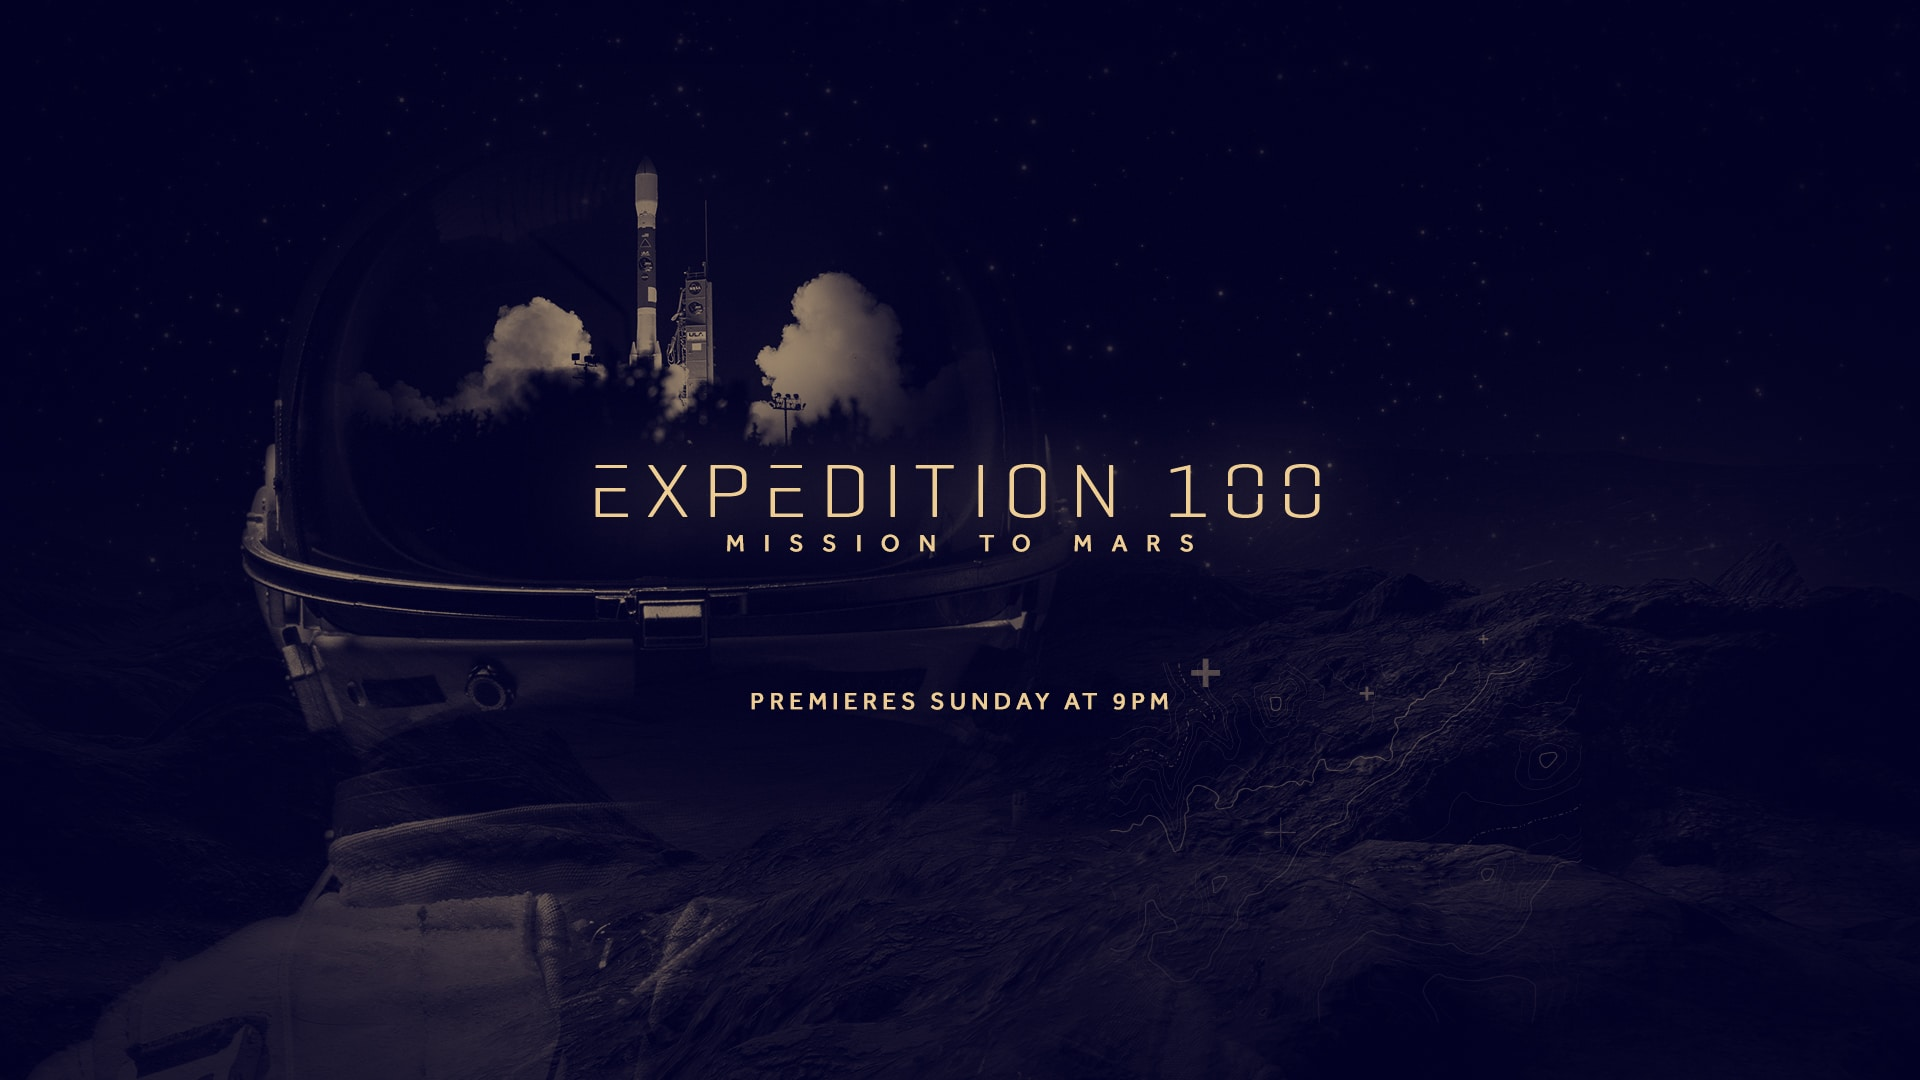 Gros plan sur un casque d'astronaute avec le décollage d'une fusée en double exposition et le titre de l'émission : Expedition 100 - mission to mars